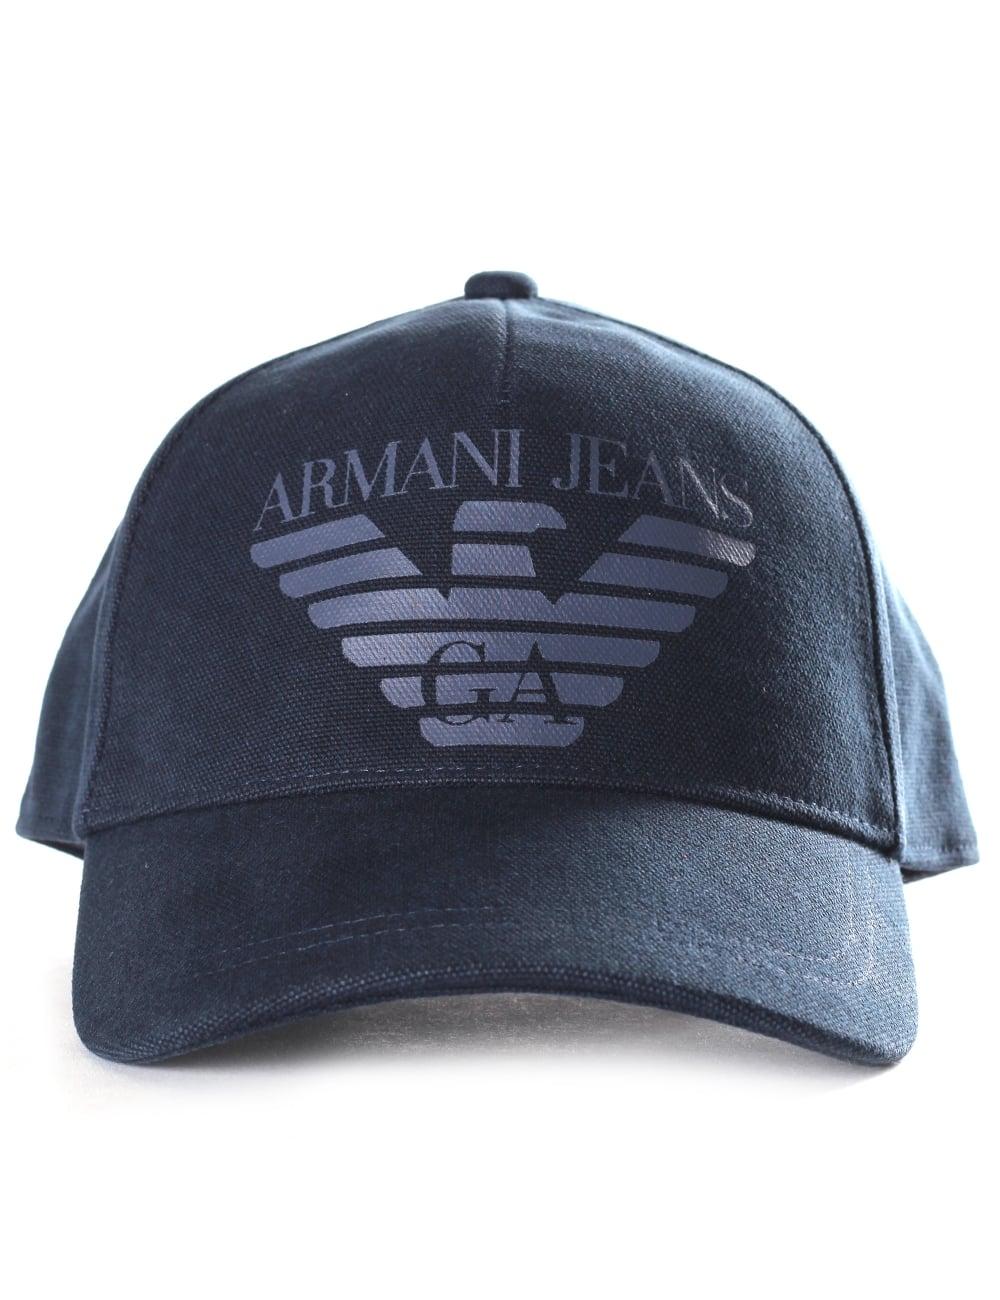 Armani Jeans Men s Eagle Logo Baseball Cap b9a7de58cac8